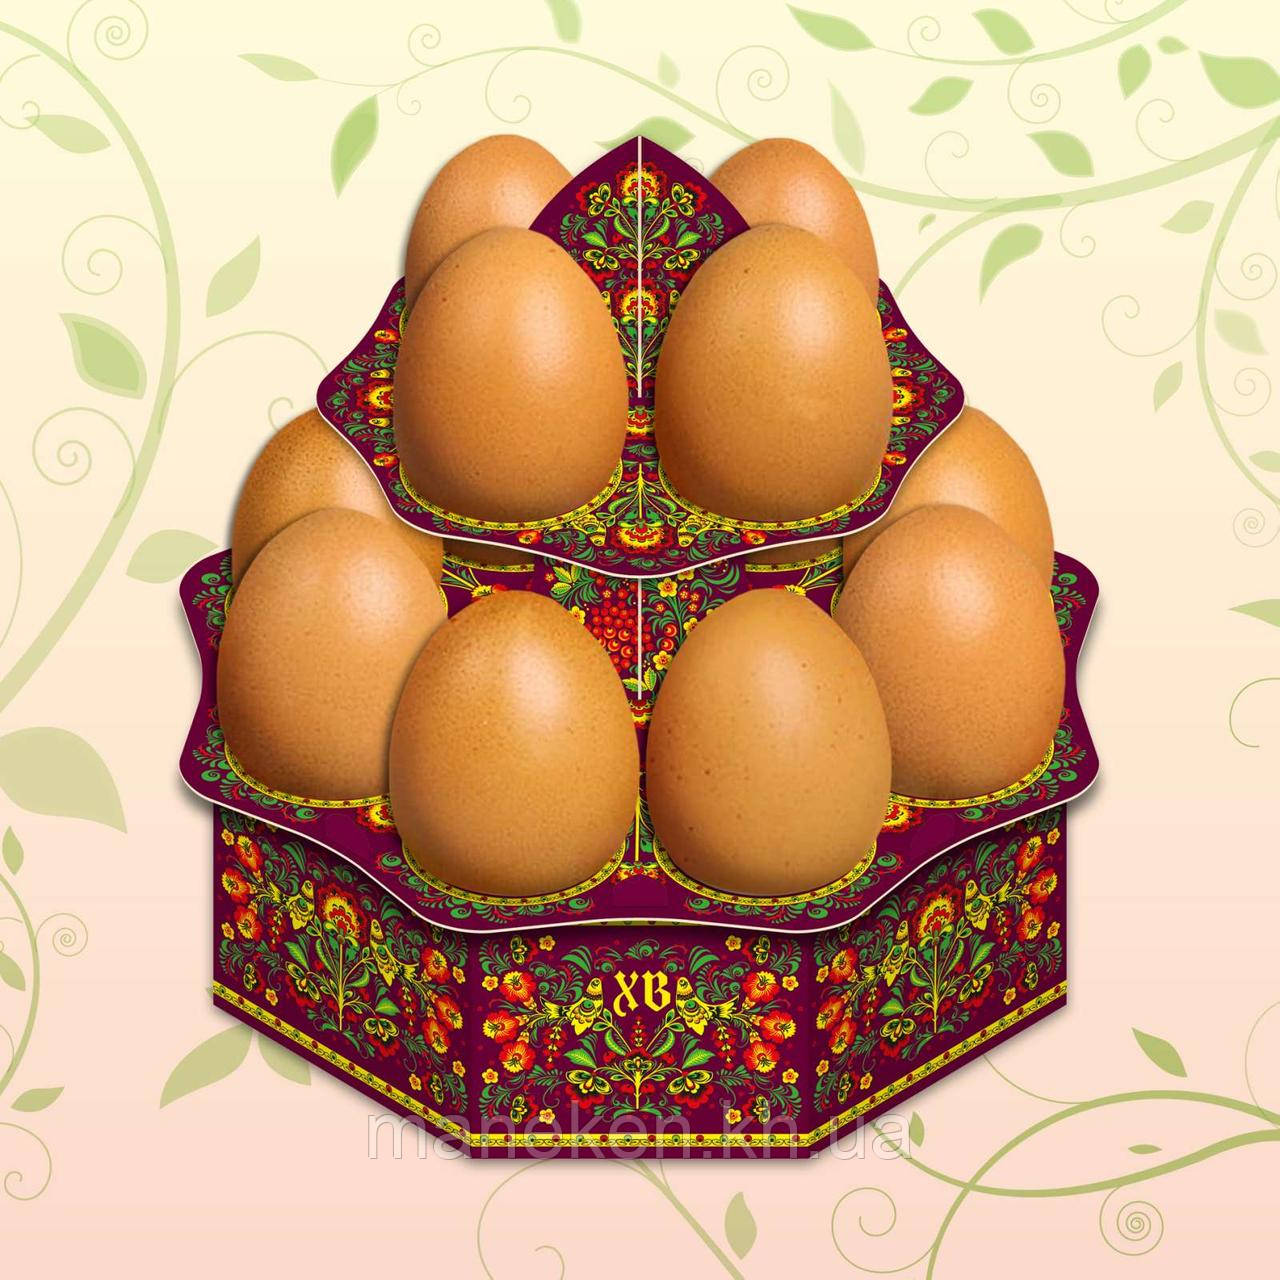 """Декоративна підставка для яєць №12.1 """"Хохлома"""" (12 яєць) висока (1 шт)"""